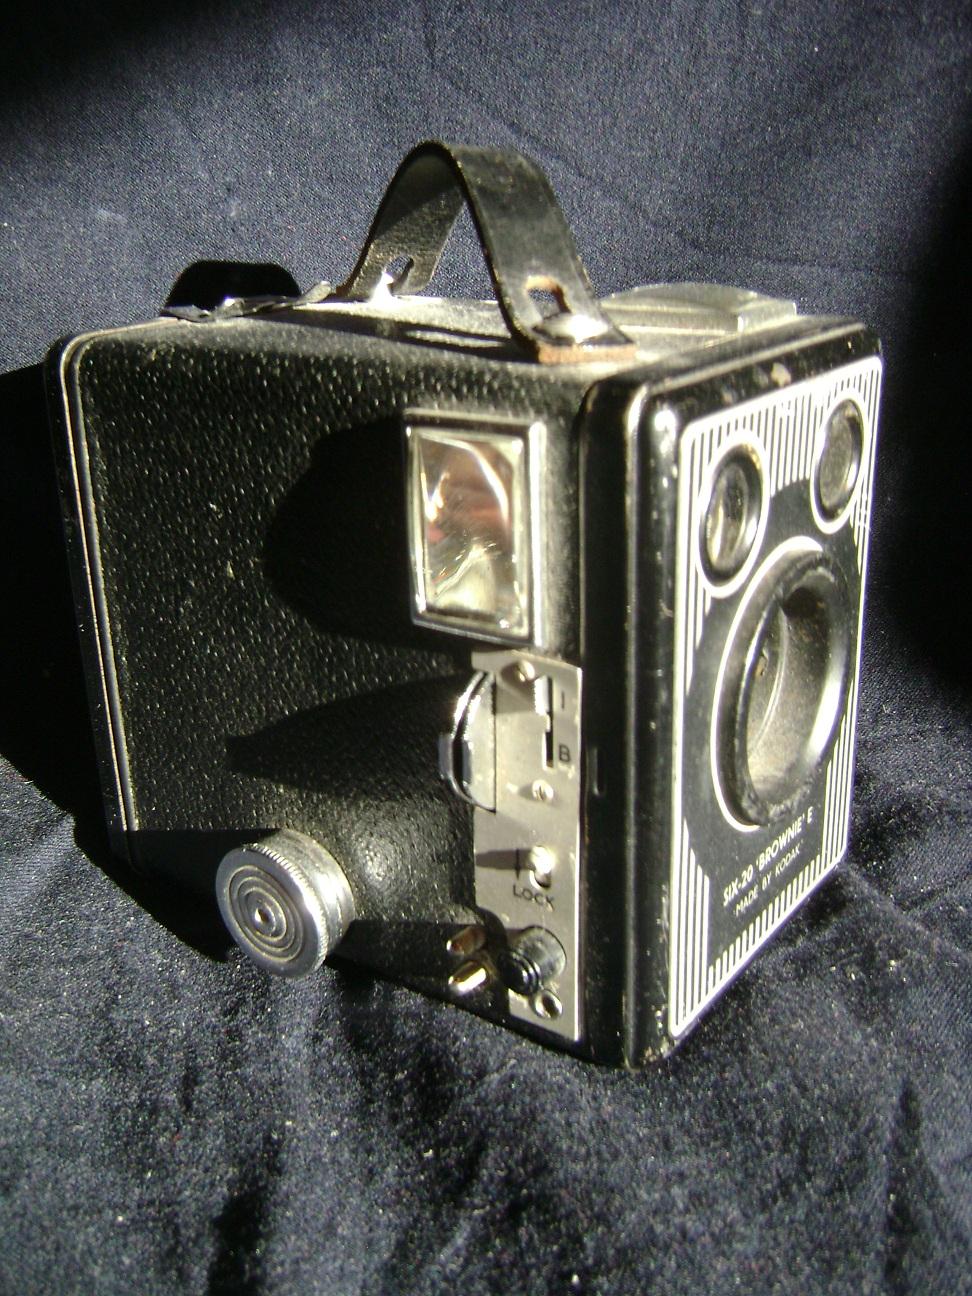 Kamera_Kodak_Six-20_Brownie_E_1.JPG